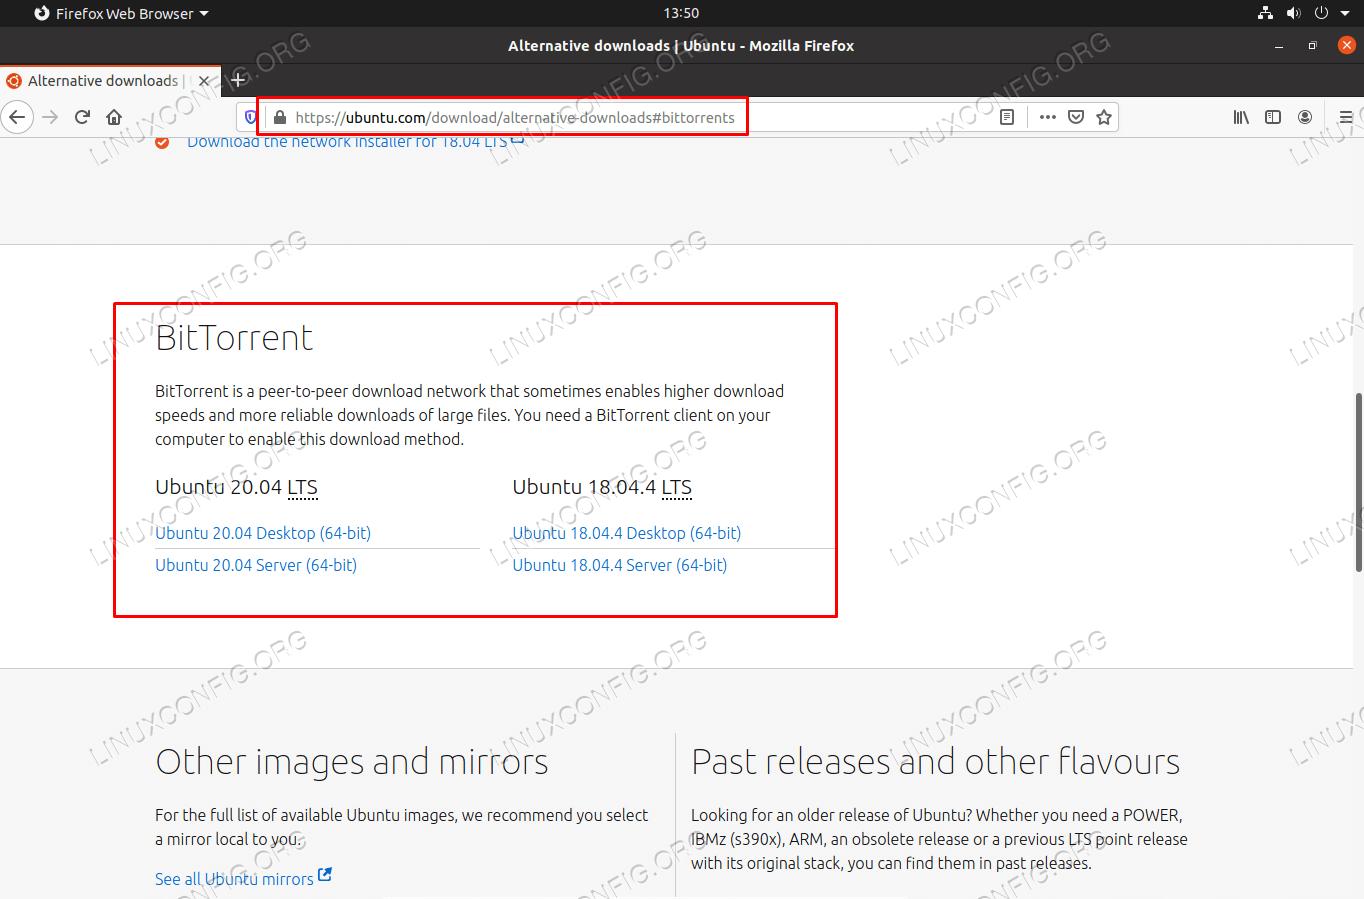 Torrent download options from Ubuntu website